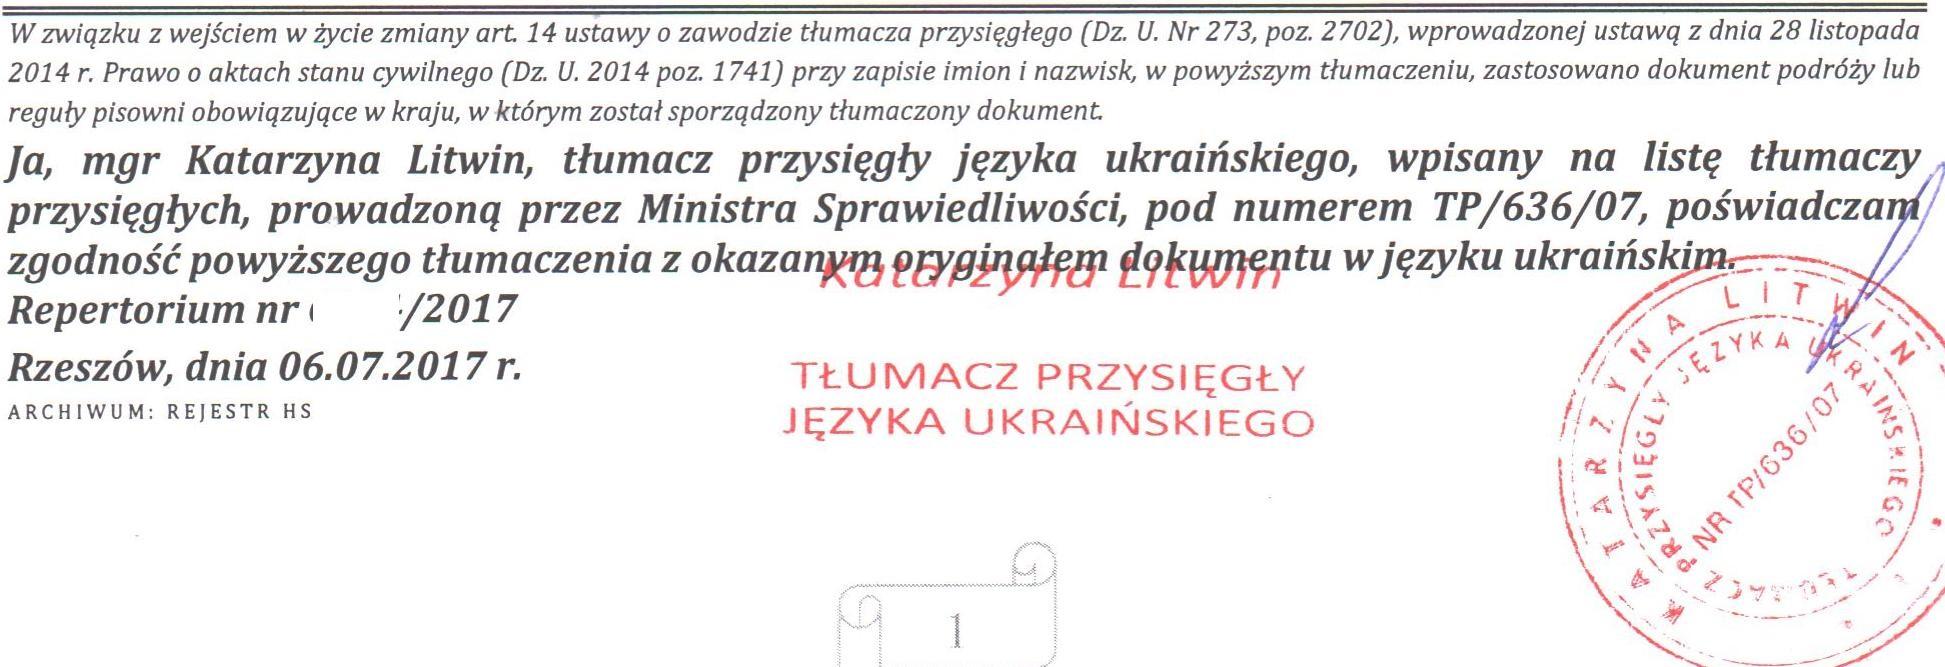 Присяжный перевод на польский язык в Украине: Киев, Харьков, Днепр, Одесса, Львов